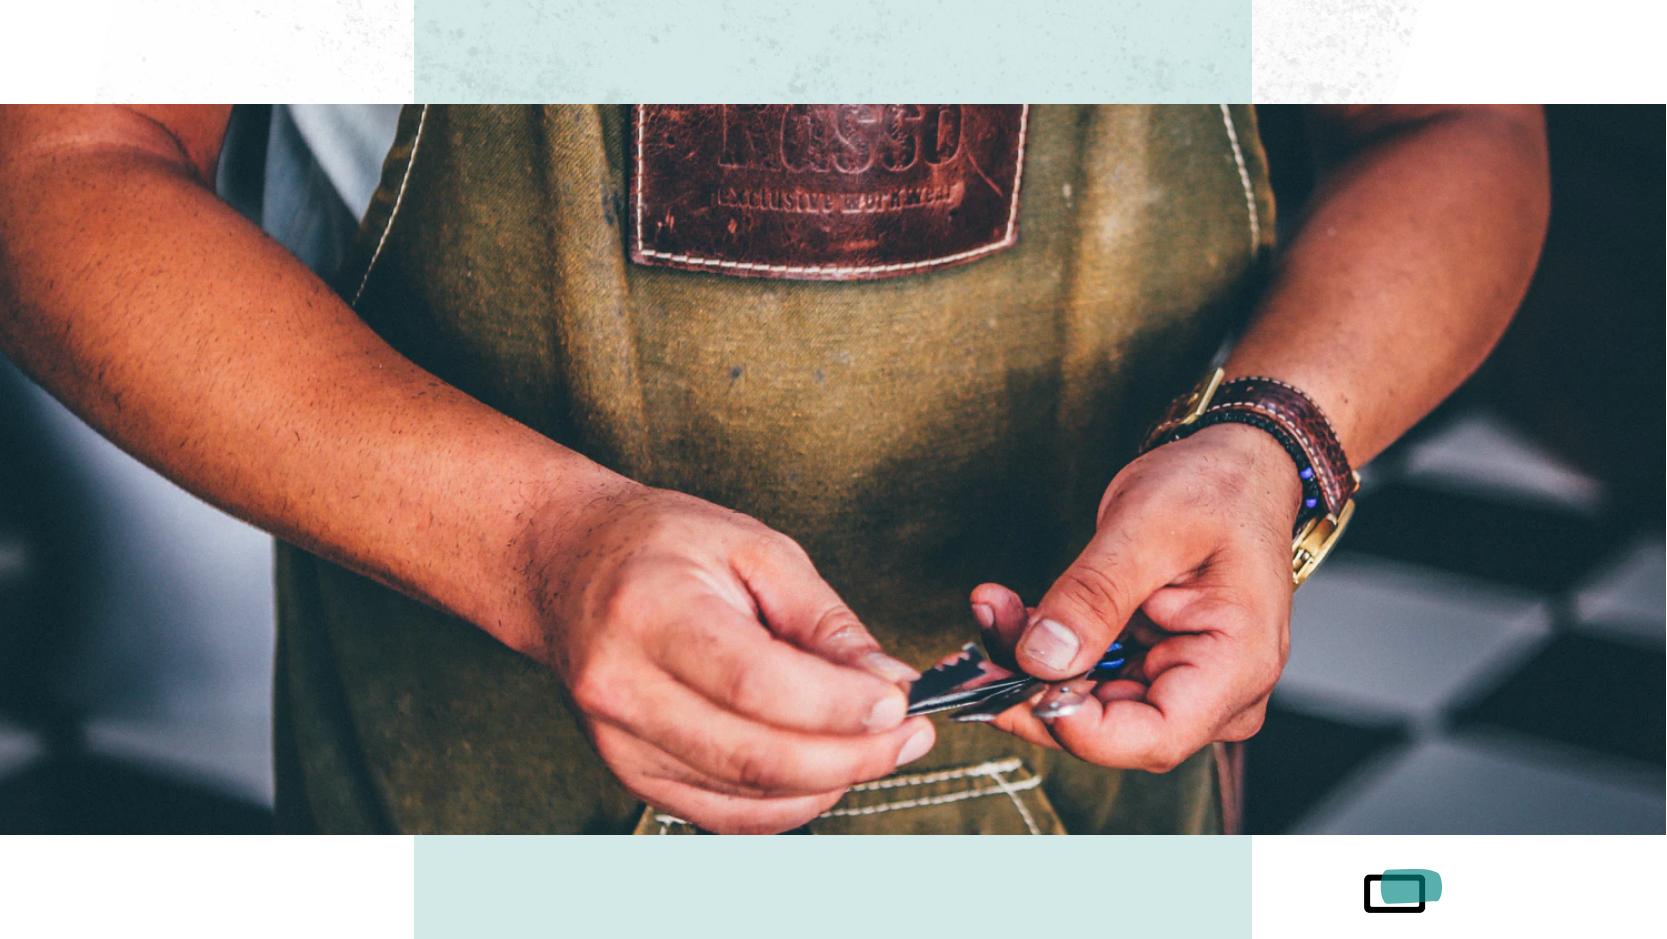 Les 5 étapes pour me lancer en tant qu'artisan 🎯